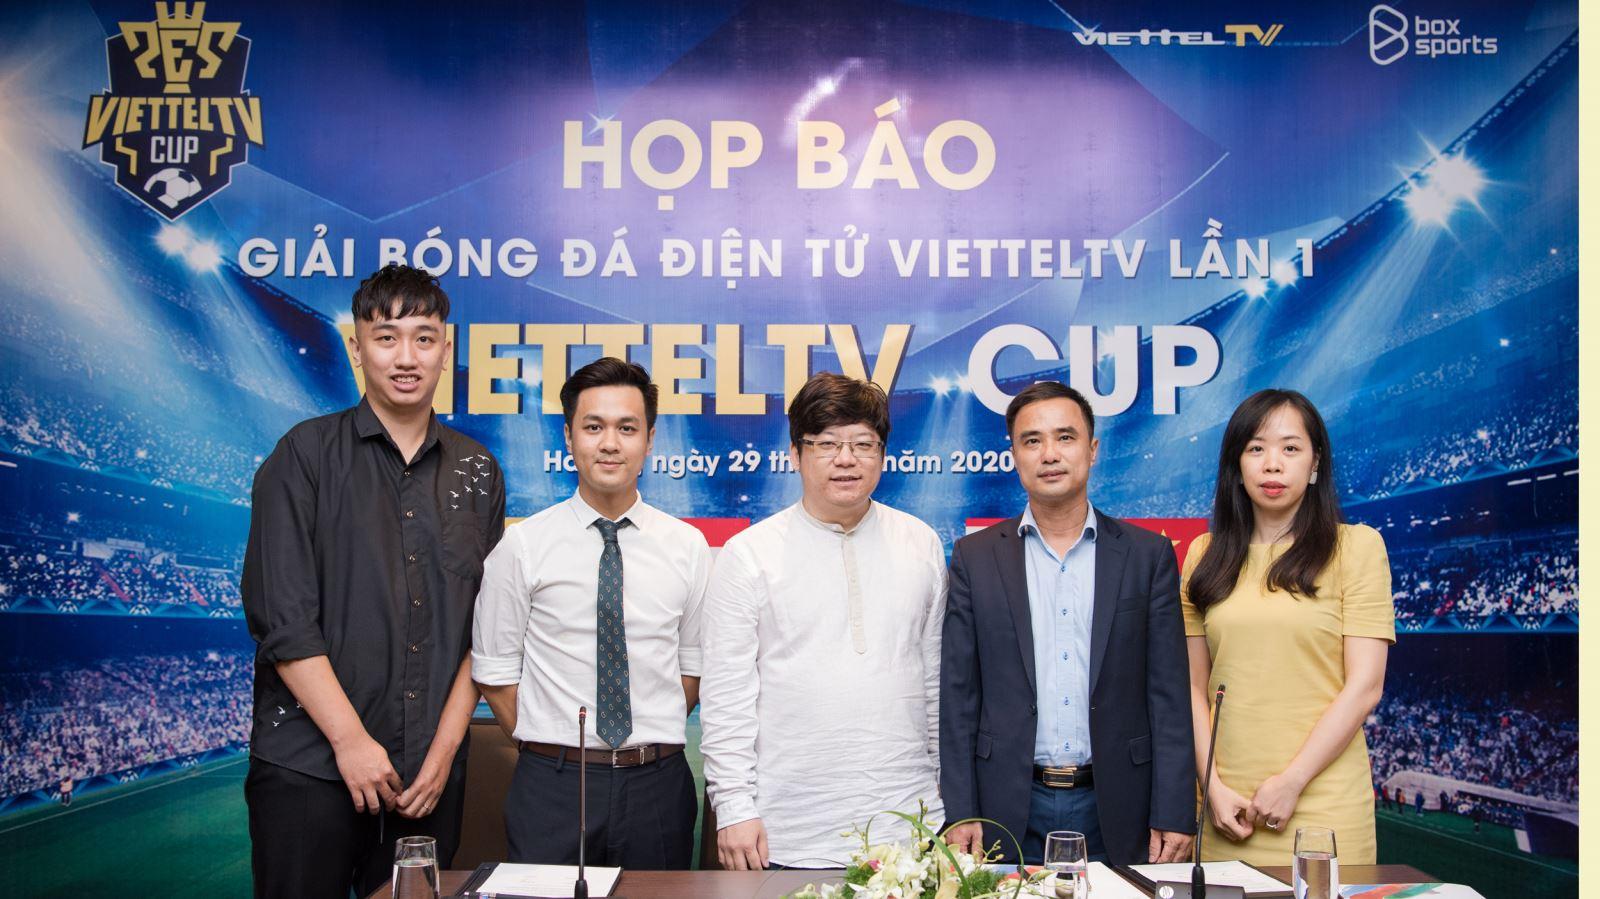 PES, bóng đá điện tử, ViettelTV Cup, Lê Hà Anh Tuấn, thần đồng PES, thần đồng PES Việt Nam, PES Việt Nam, PES Đông Nam Á, PES Hàn Quốc